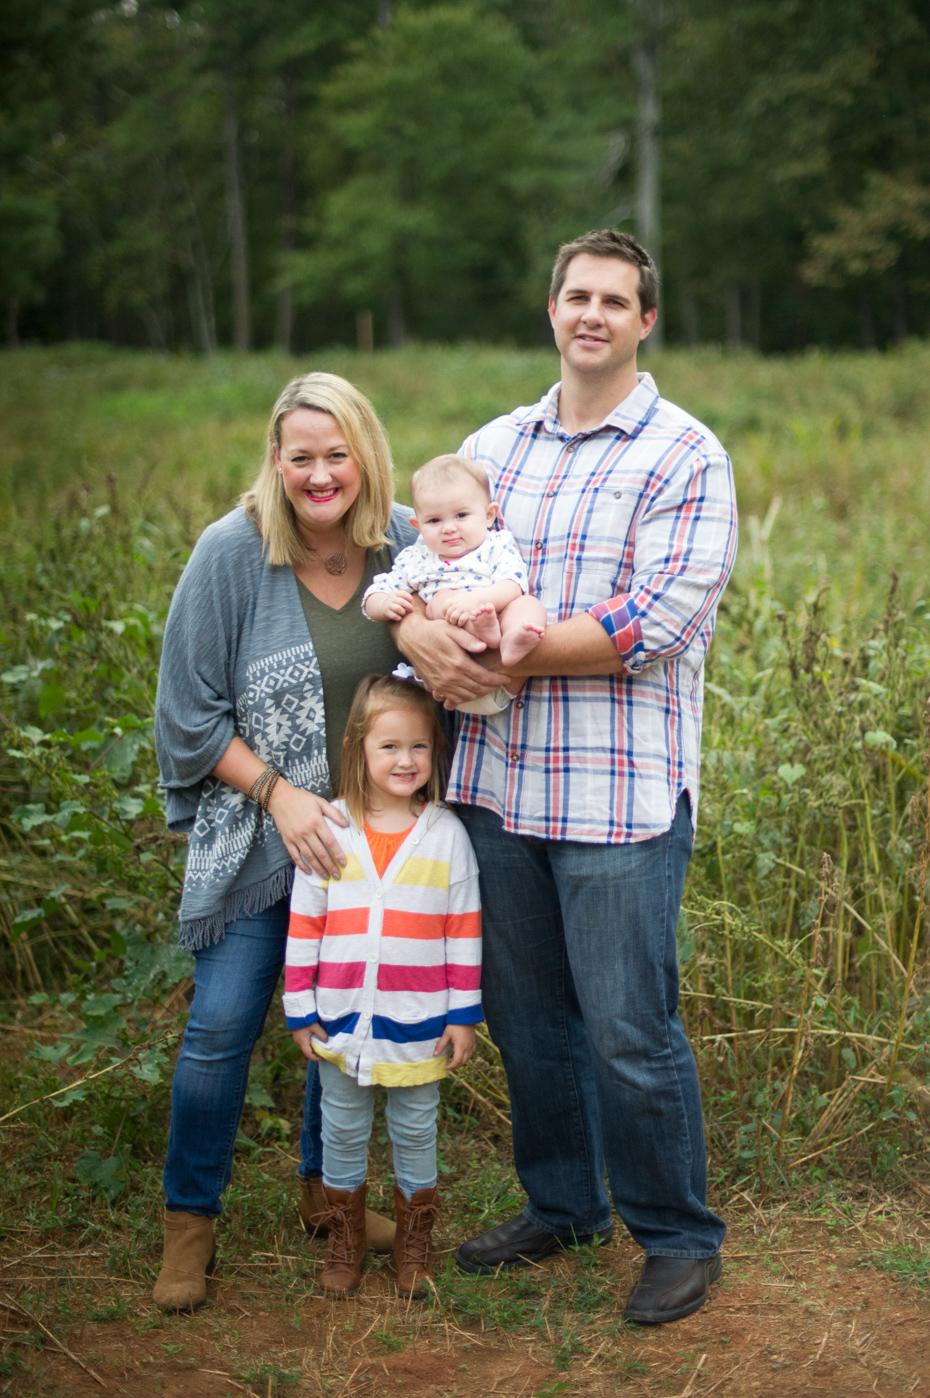 Fall Family Photos in Atlanta